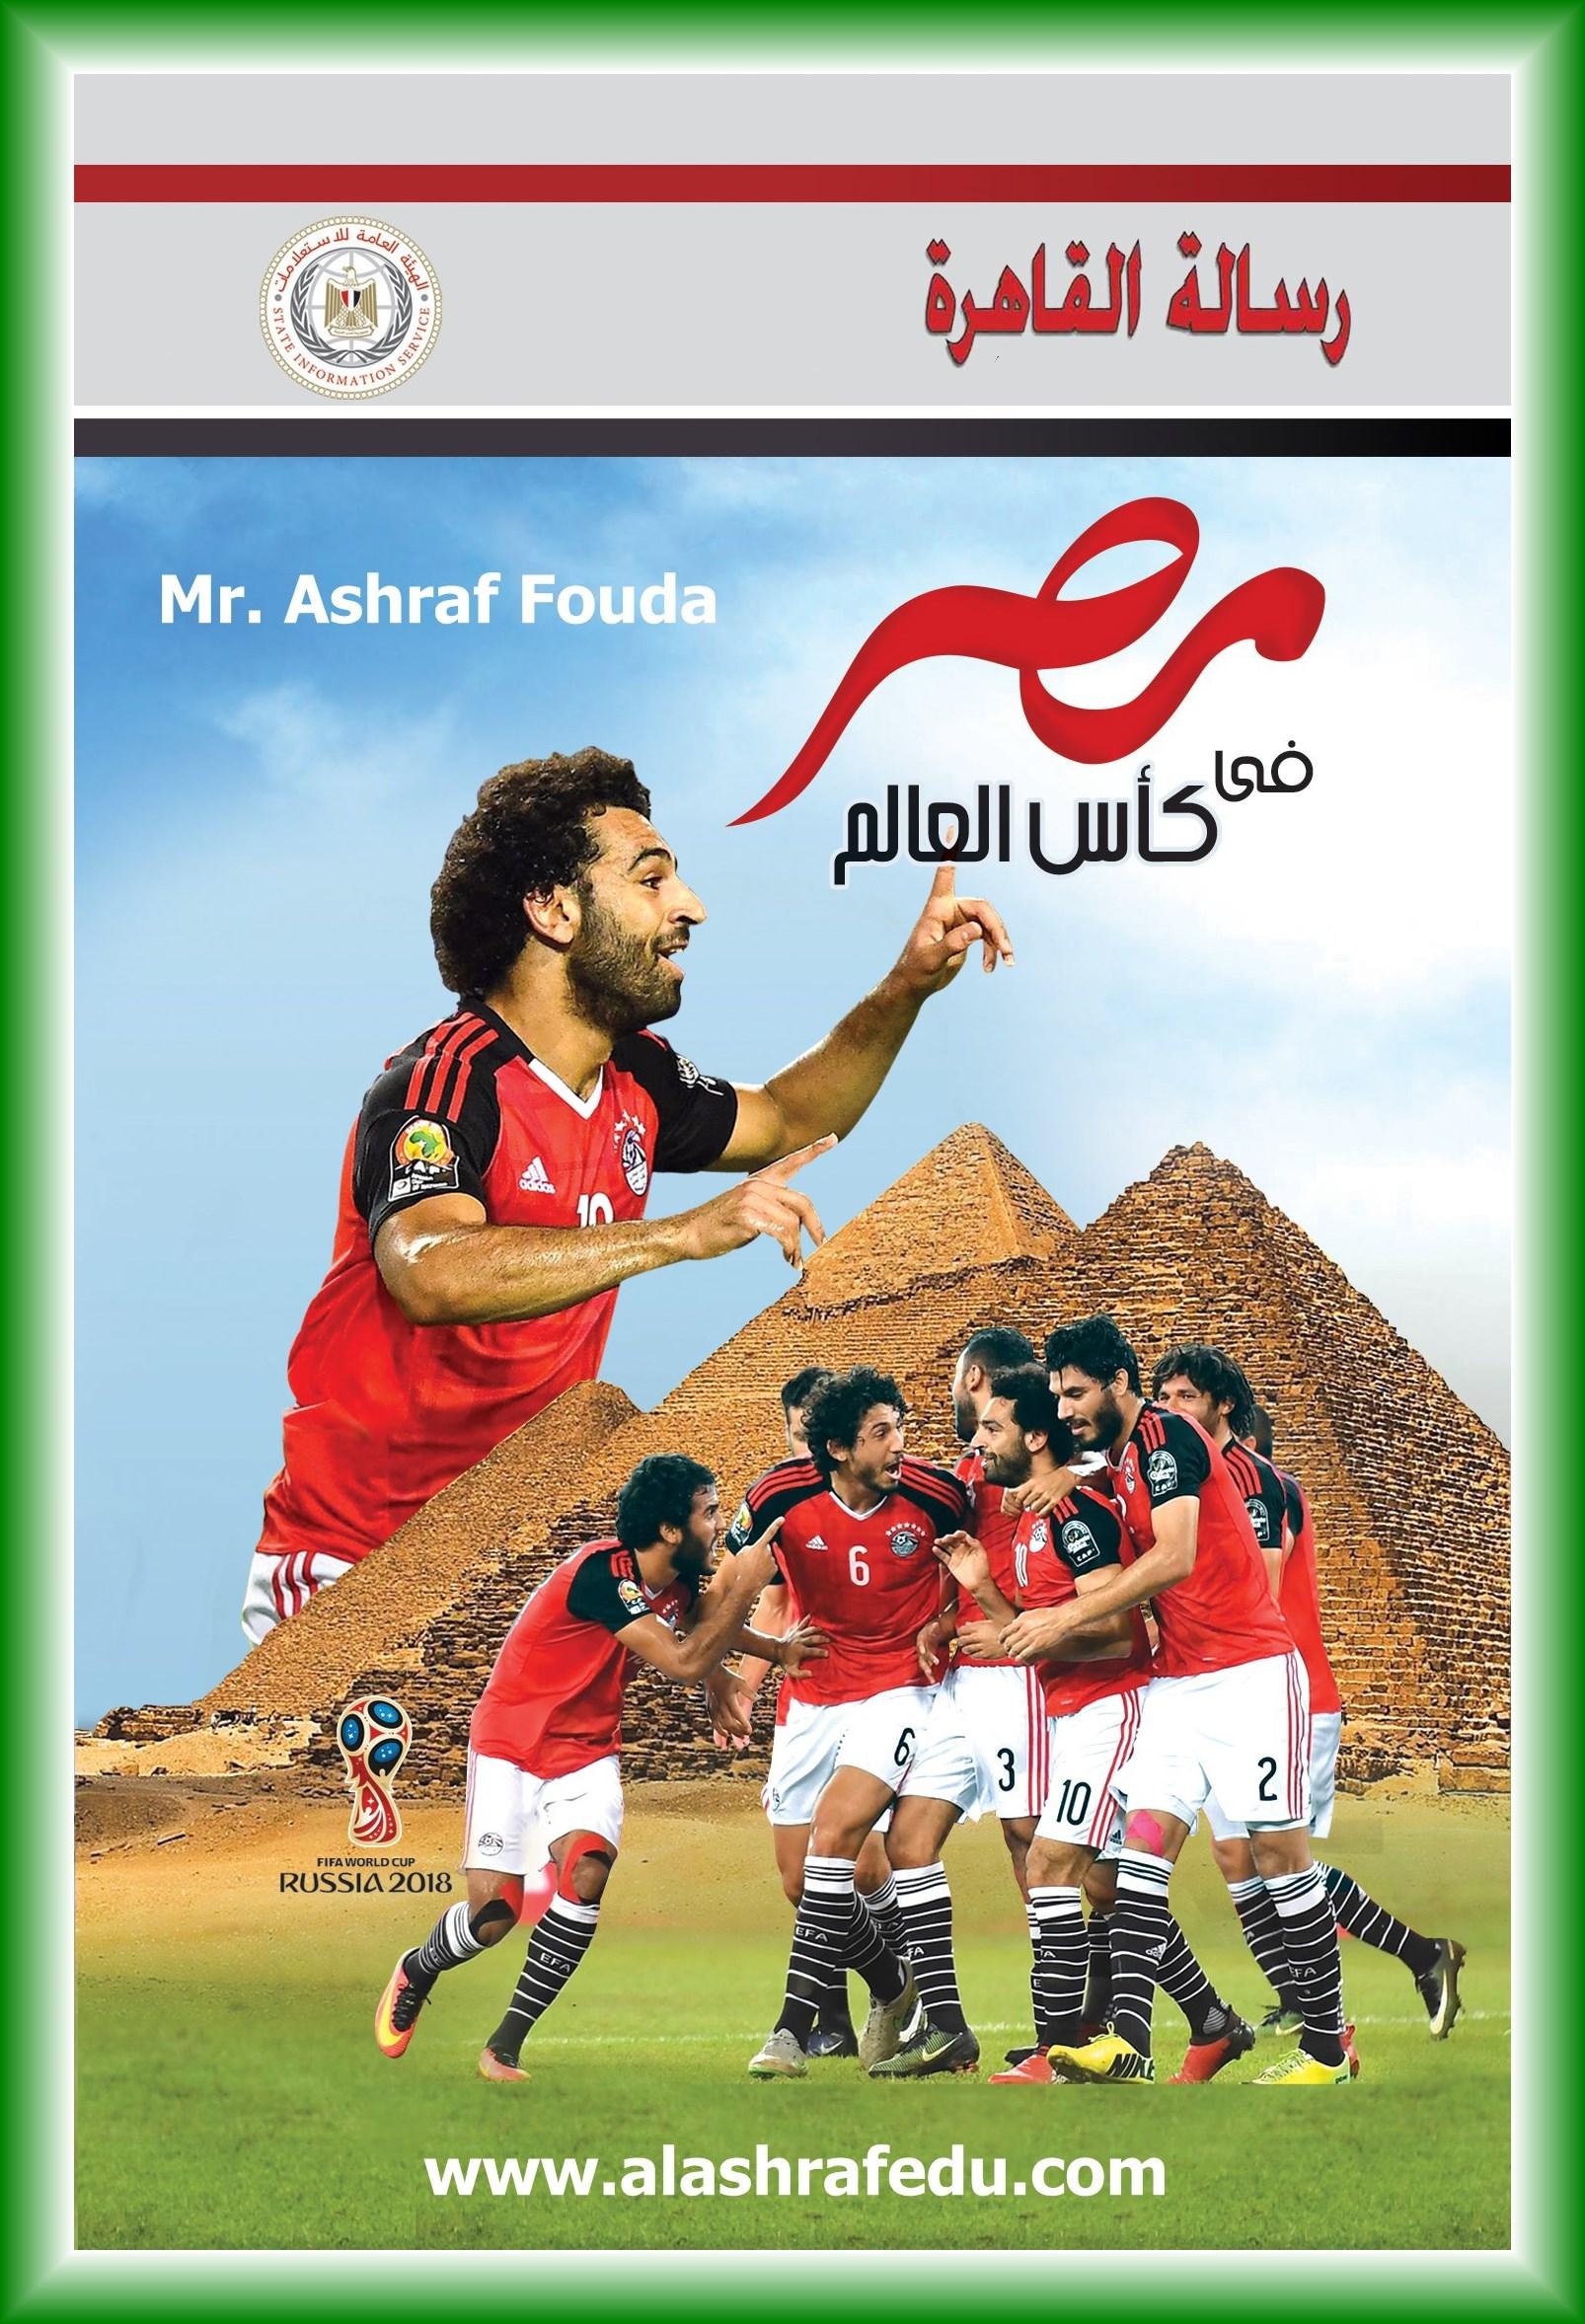 غلاف رسالة القاهره باللغه العربيه www.alashrafedu.com1